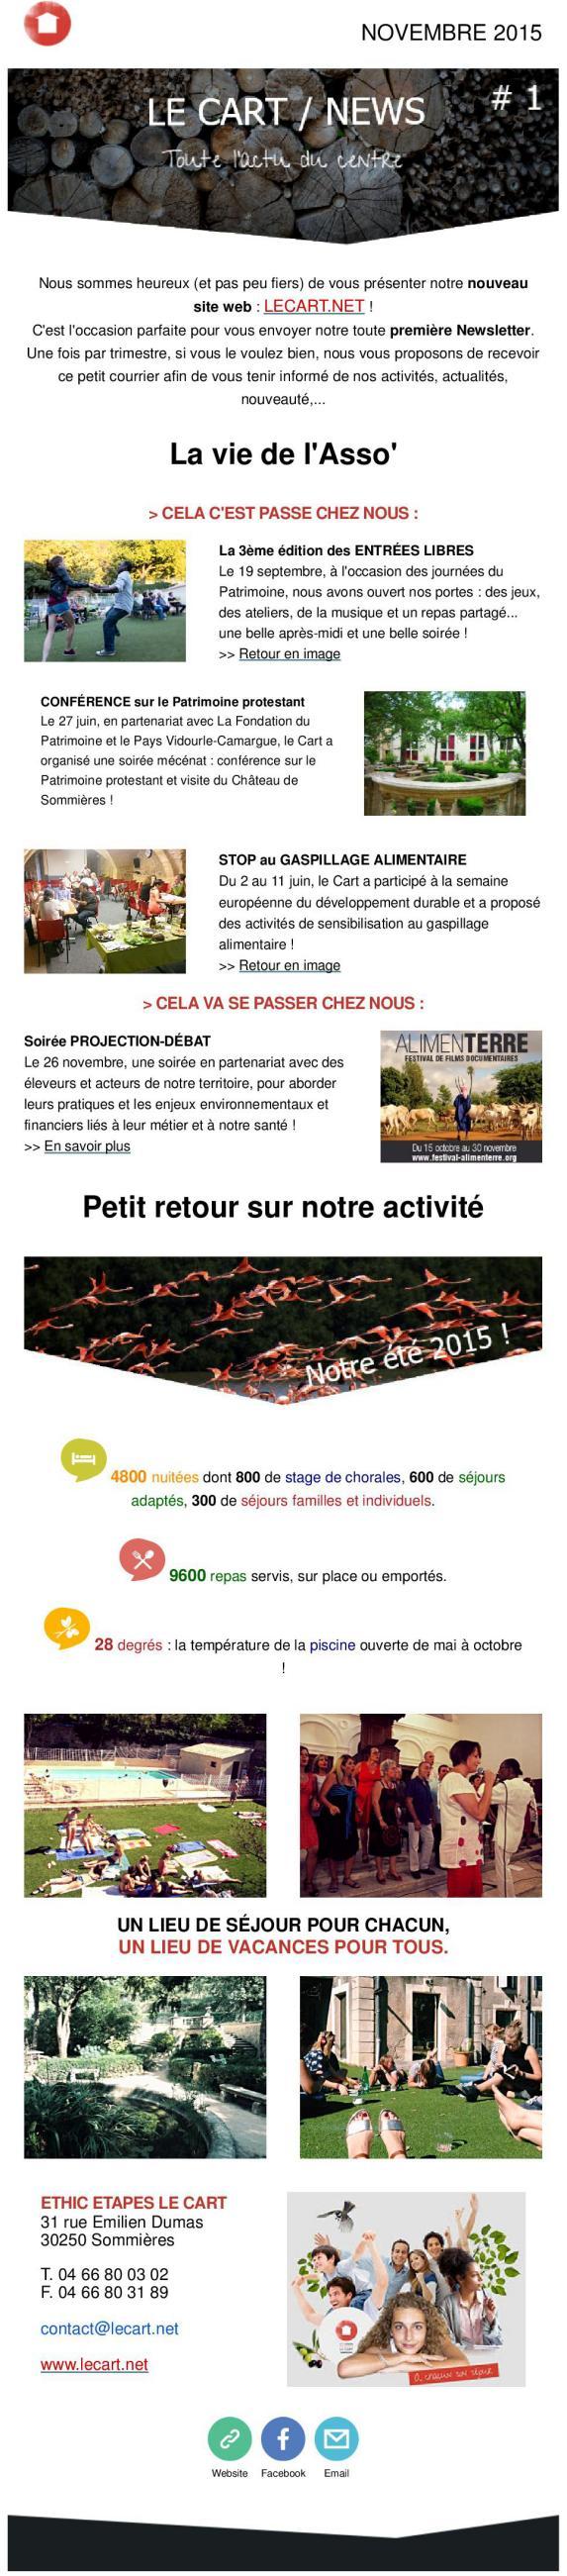 Newsletter Le Cart #1